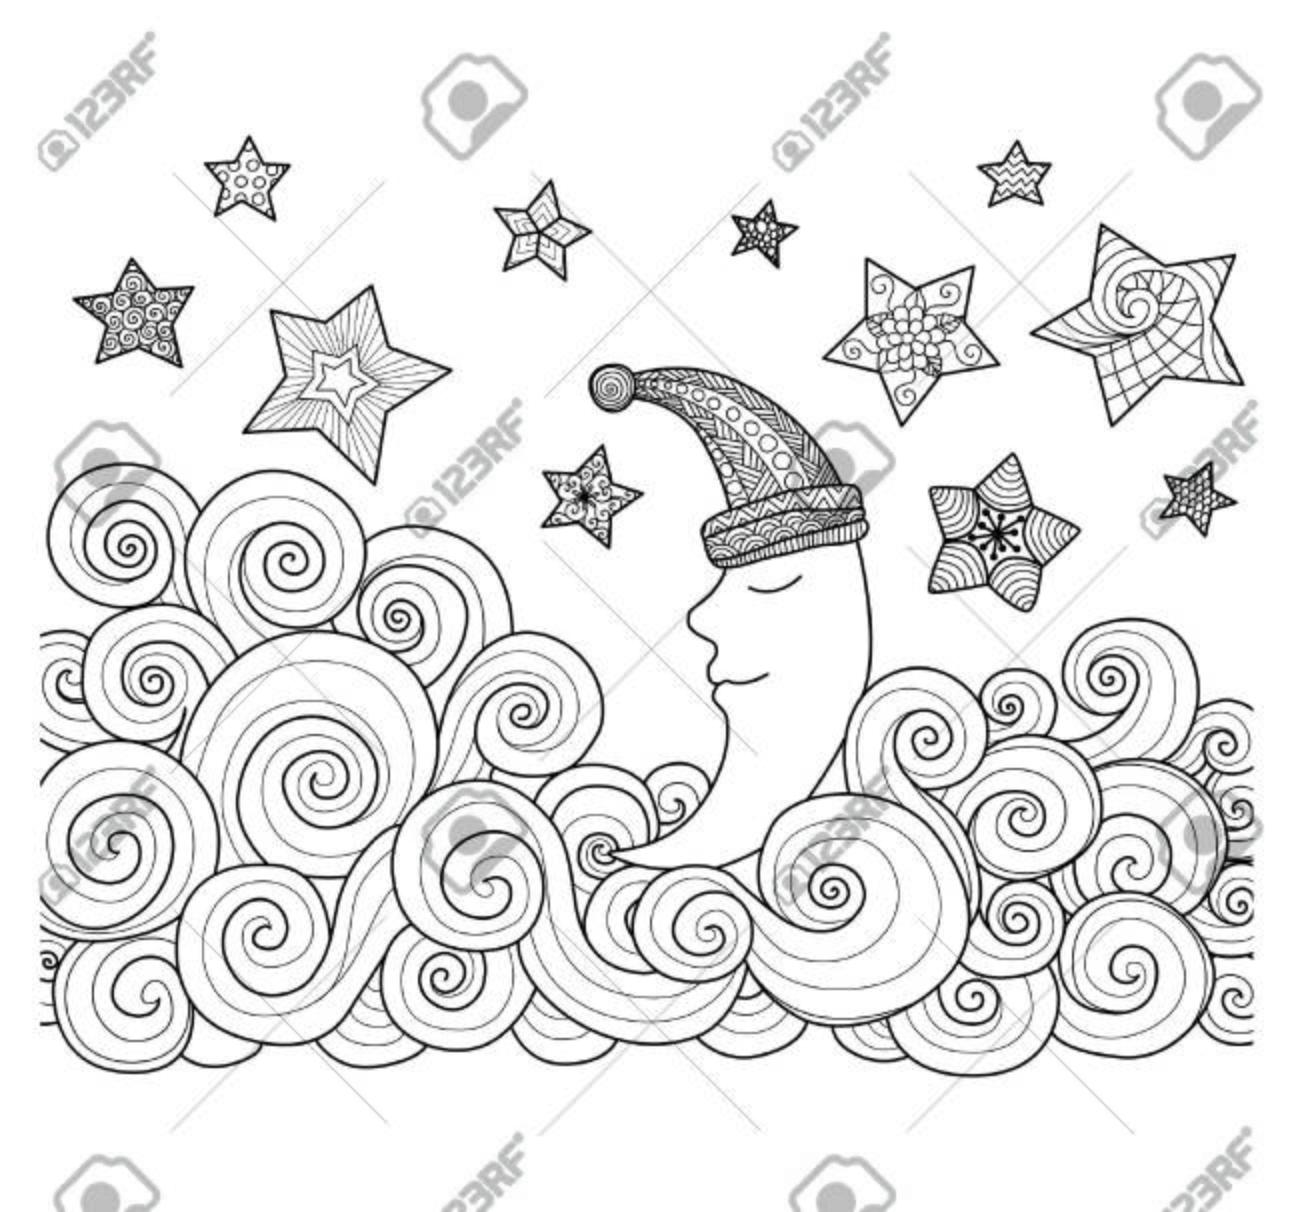 Luna El Dormir Con Las Estrellas Zentangle Diseño De Libro De Colorear Para Adultos